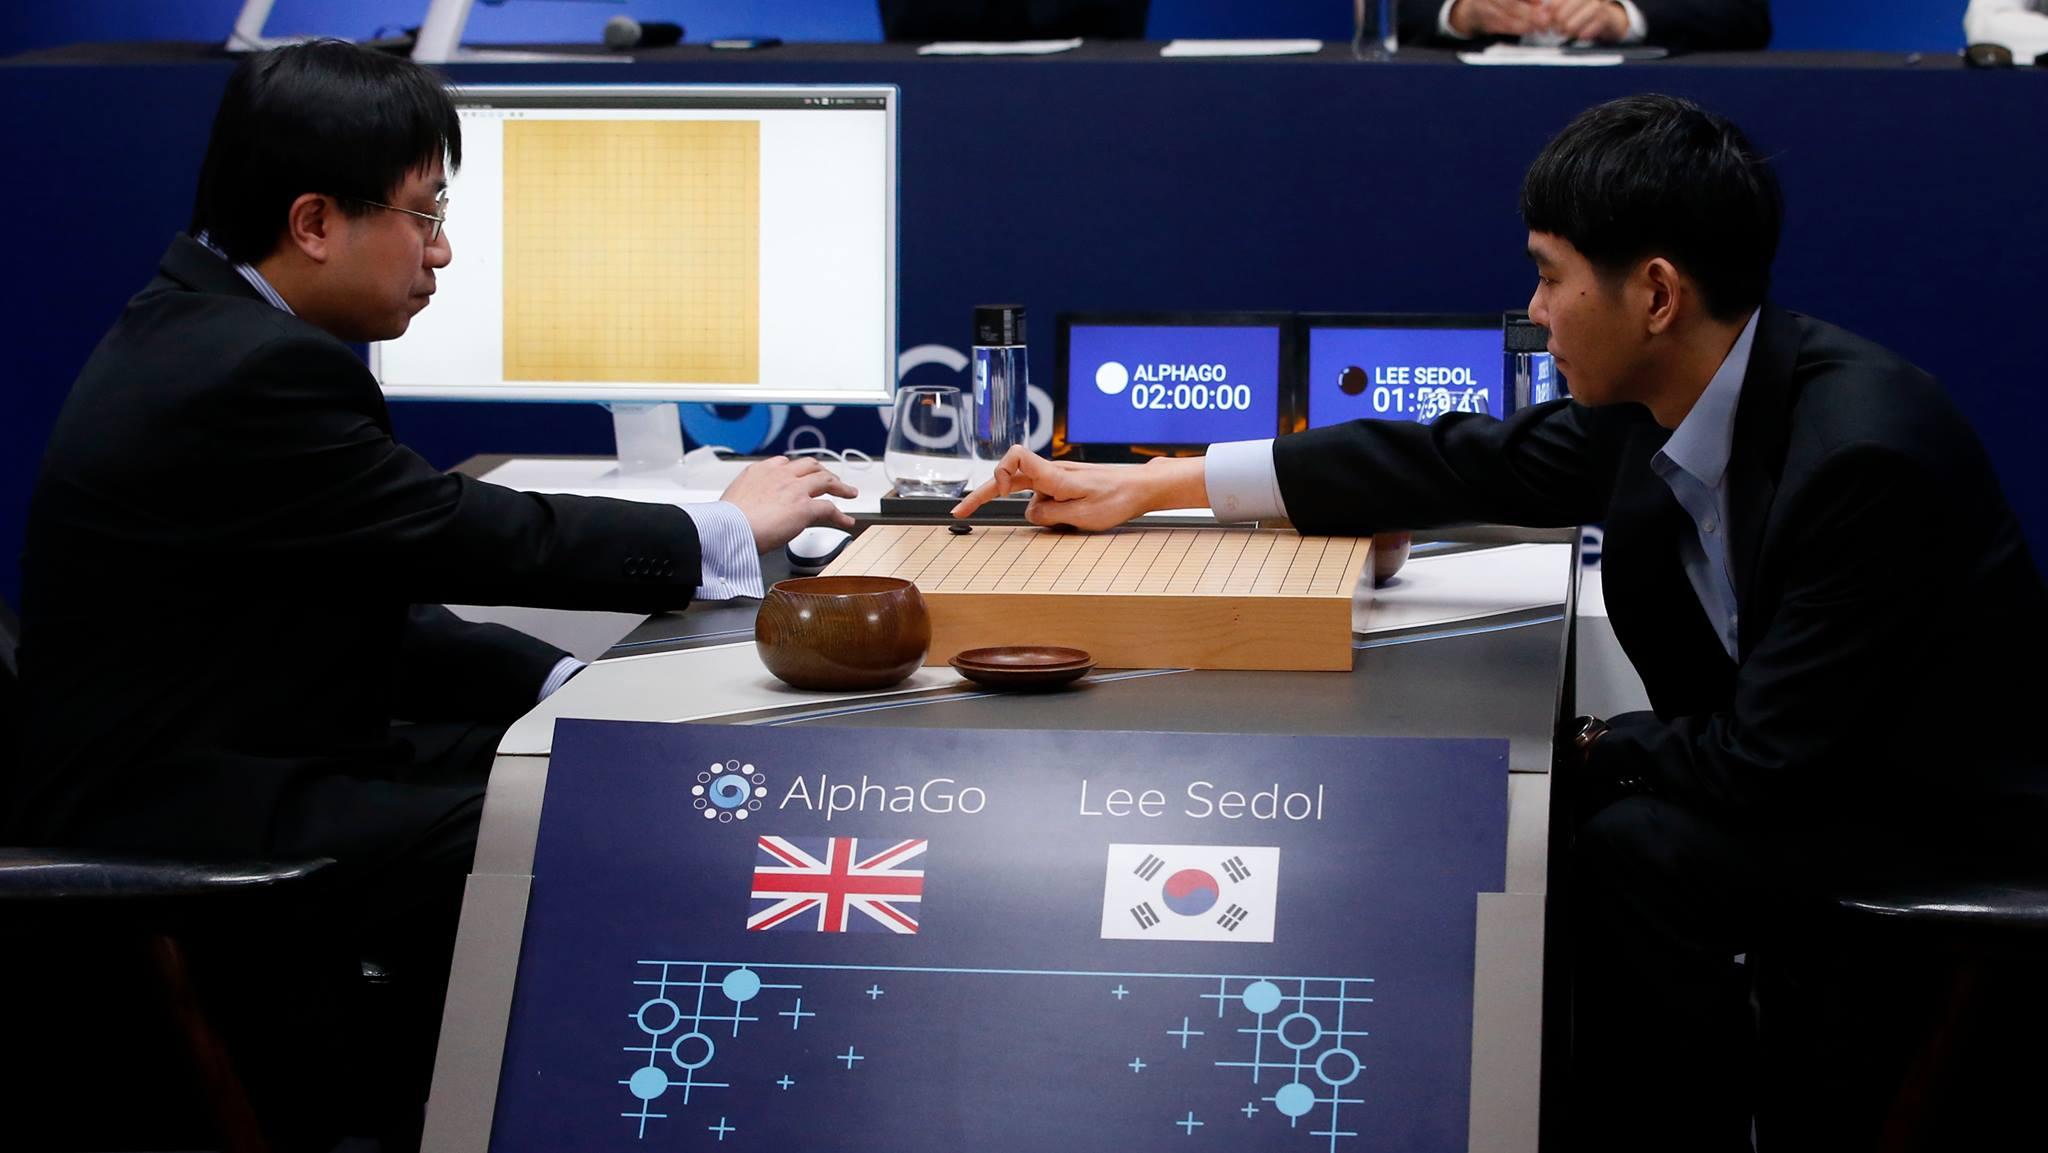 artificially intelligent machines